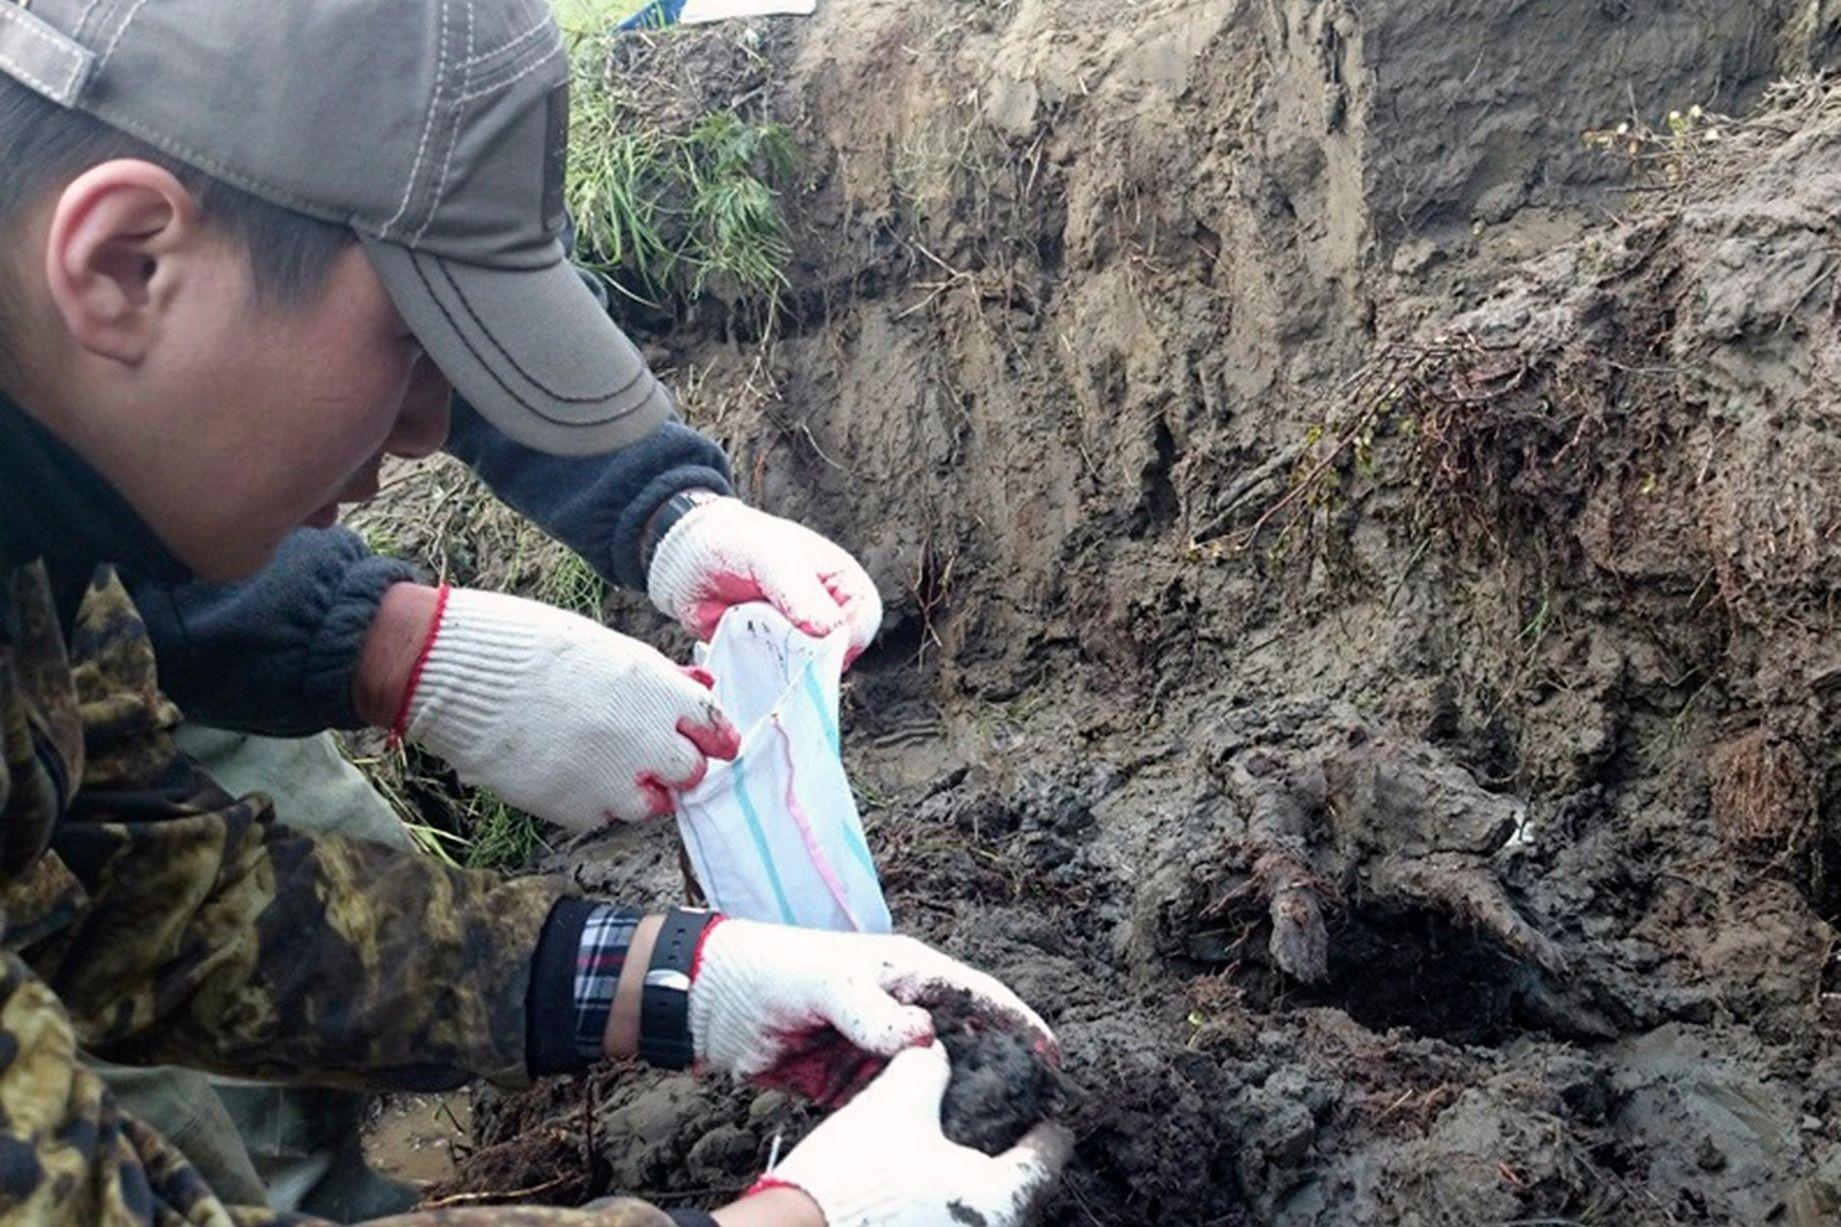 Якутские ученые исследуют котловину состанками растений возрастом 120 тыс. лет